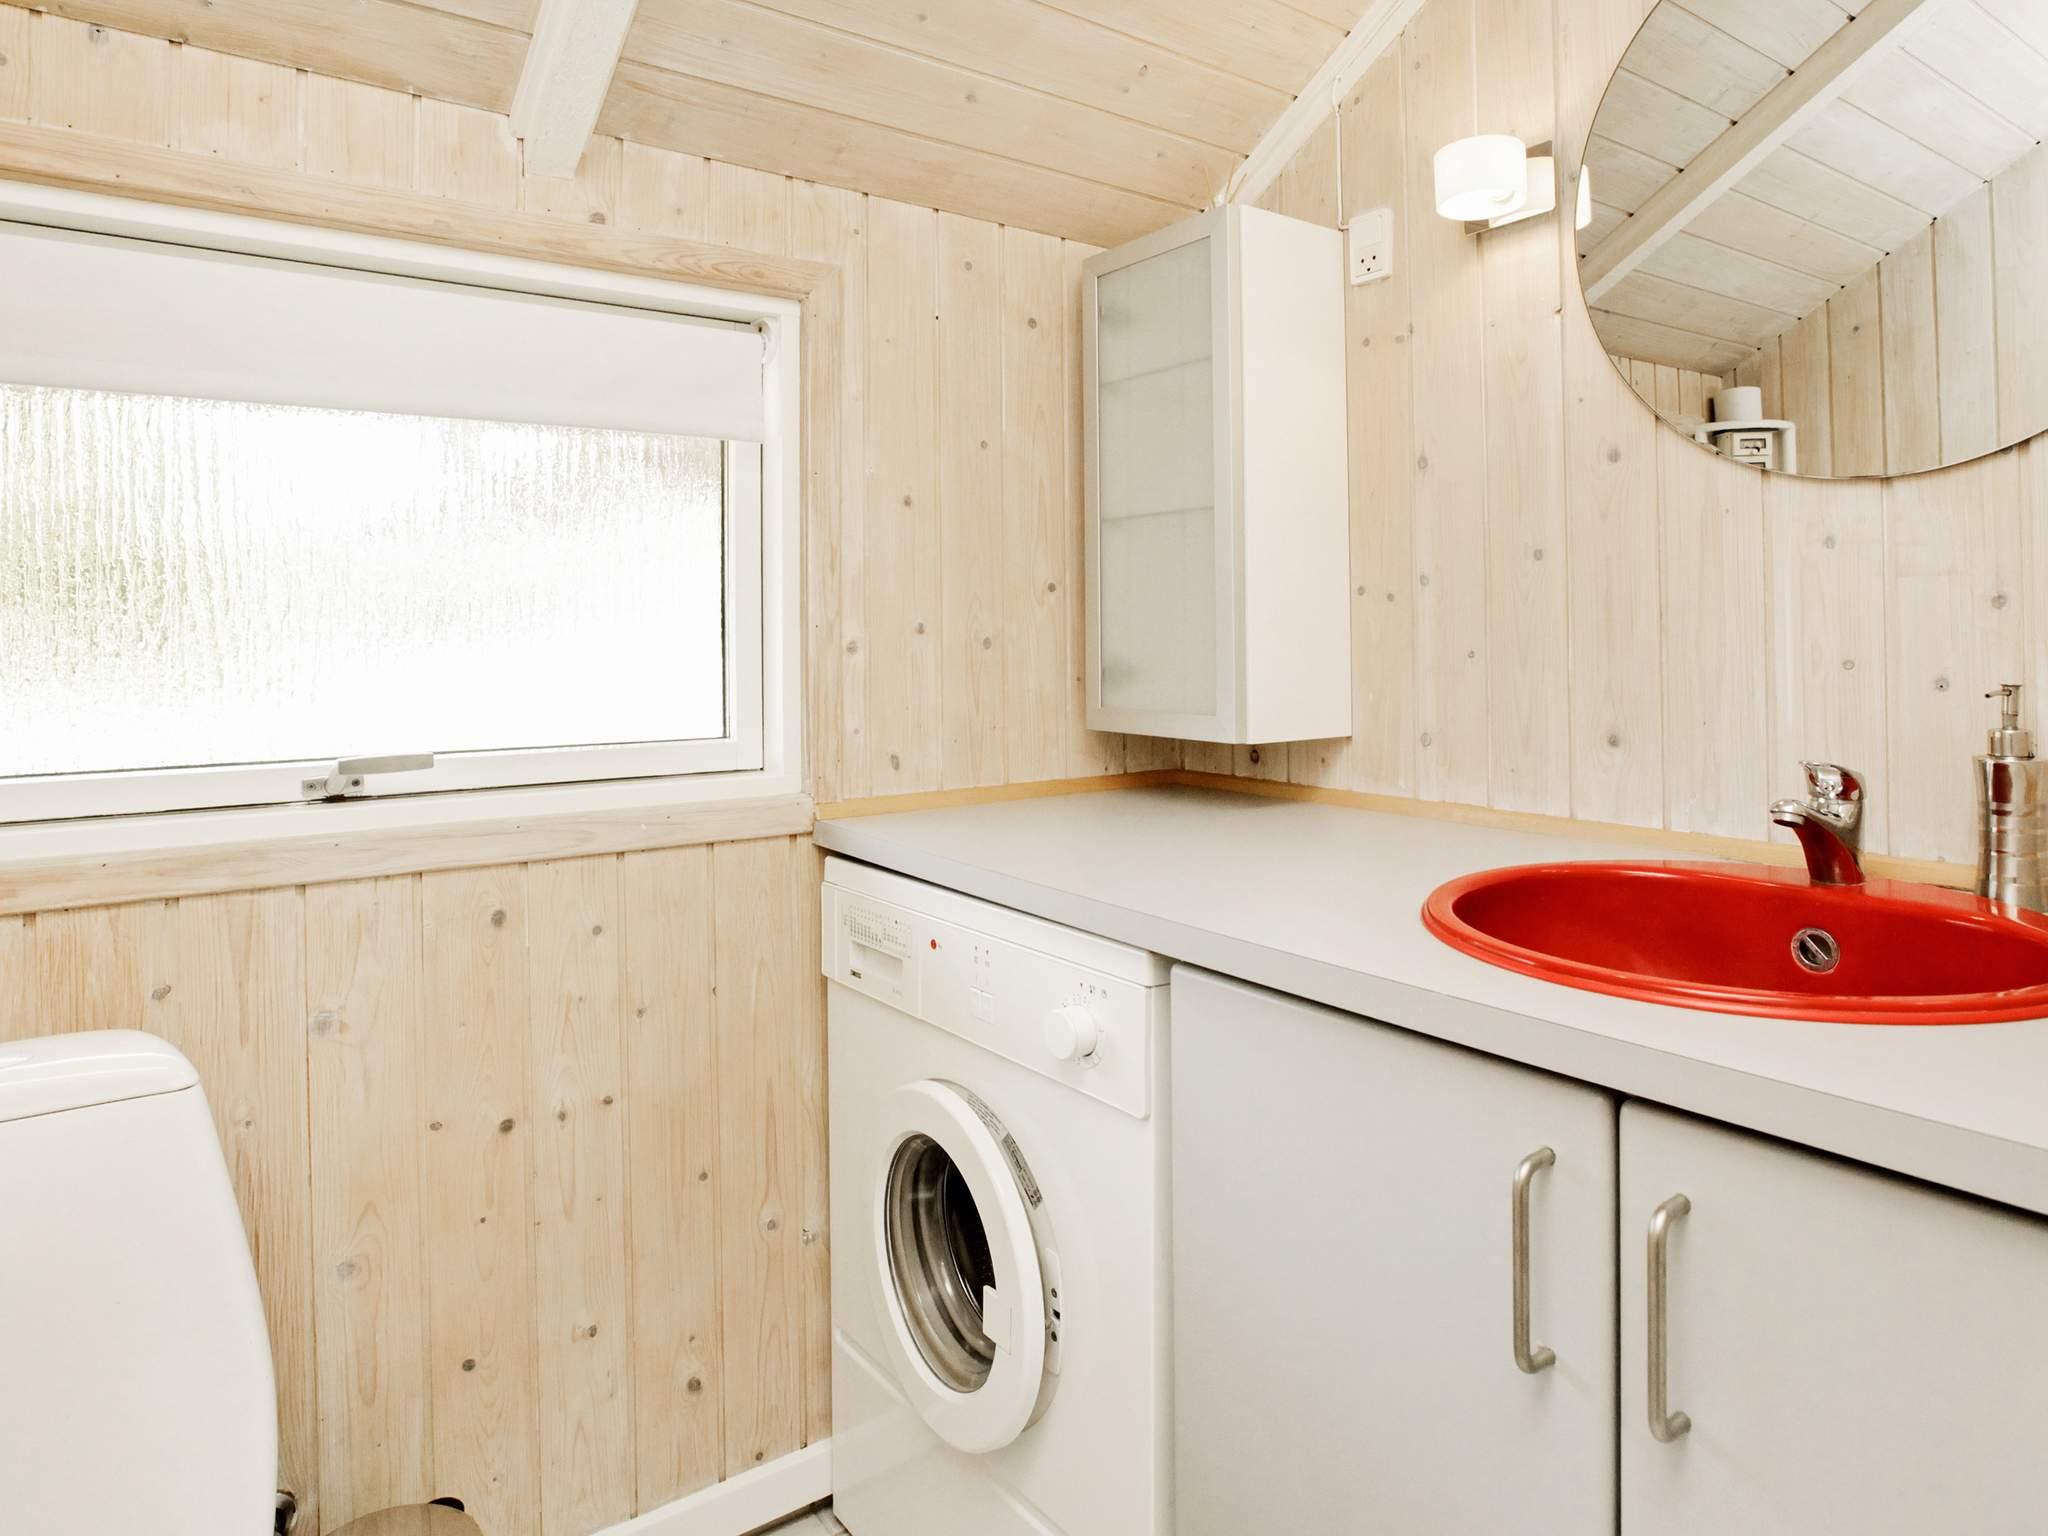 Ferienhaus Blåvand/Ho (85774), Blåvand, , Westjütland, Dänemark, Bild 11